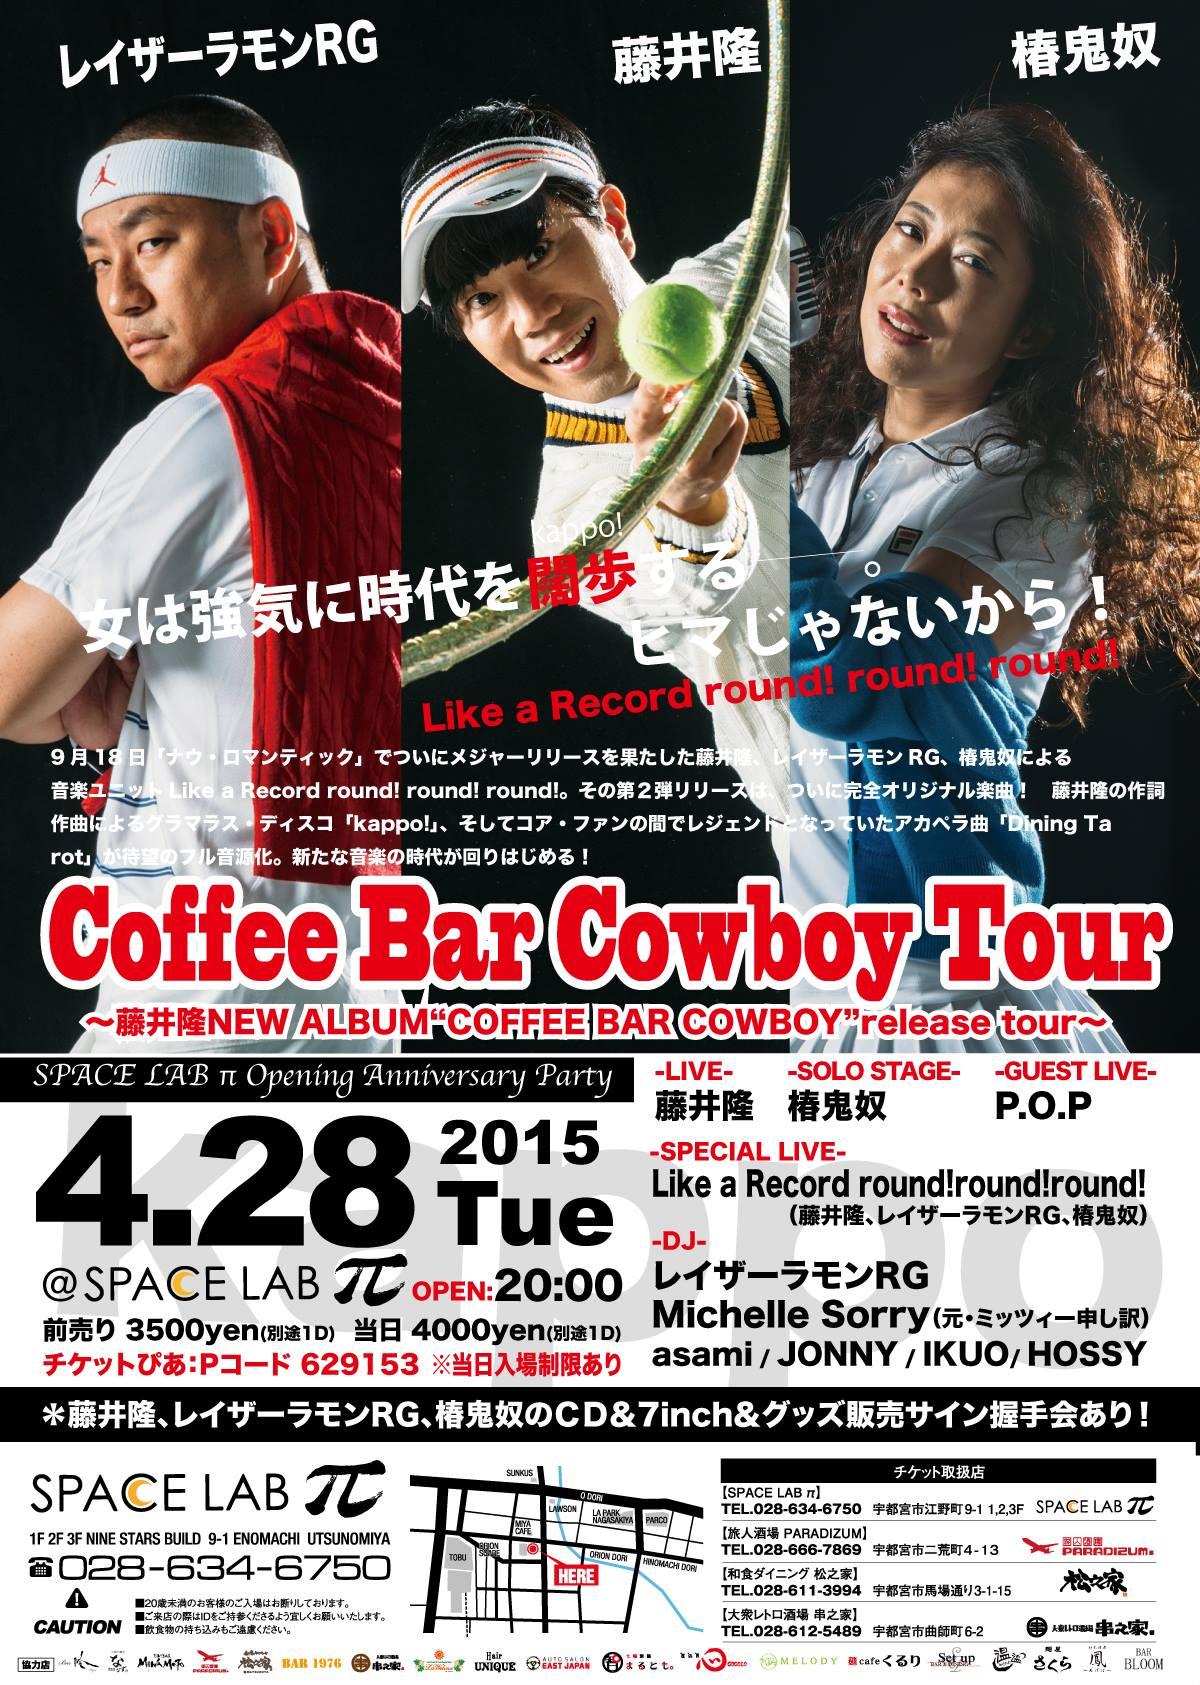 20150428_CBCT_UTSUNOMIYA2.jpg